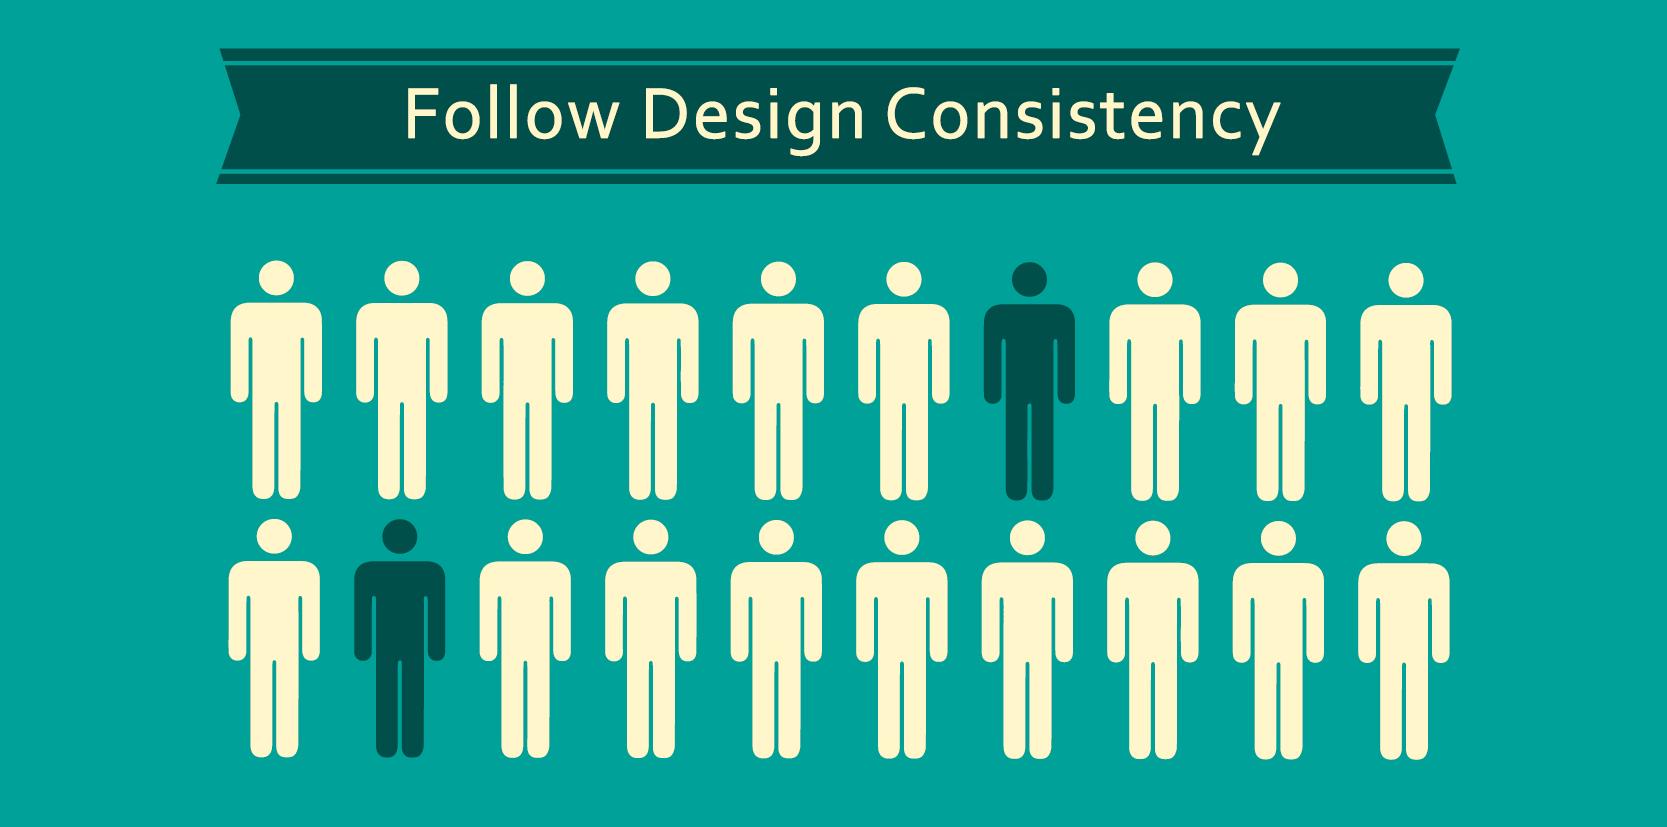 การออกแบบเว็บไซต์ที่มีความคงเส้นคงวา